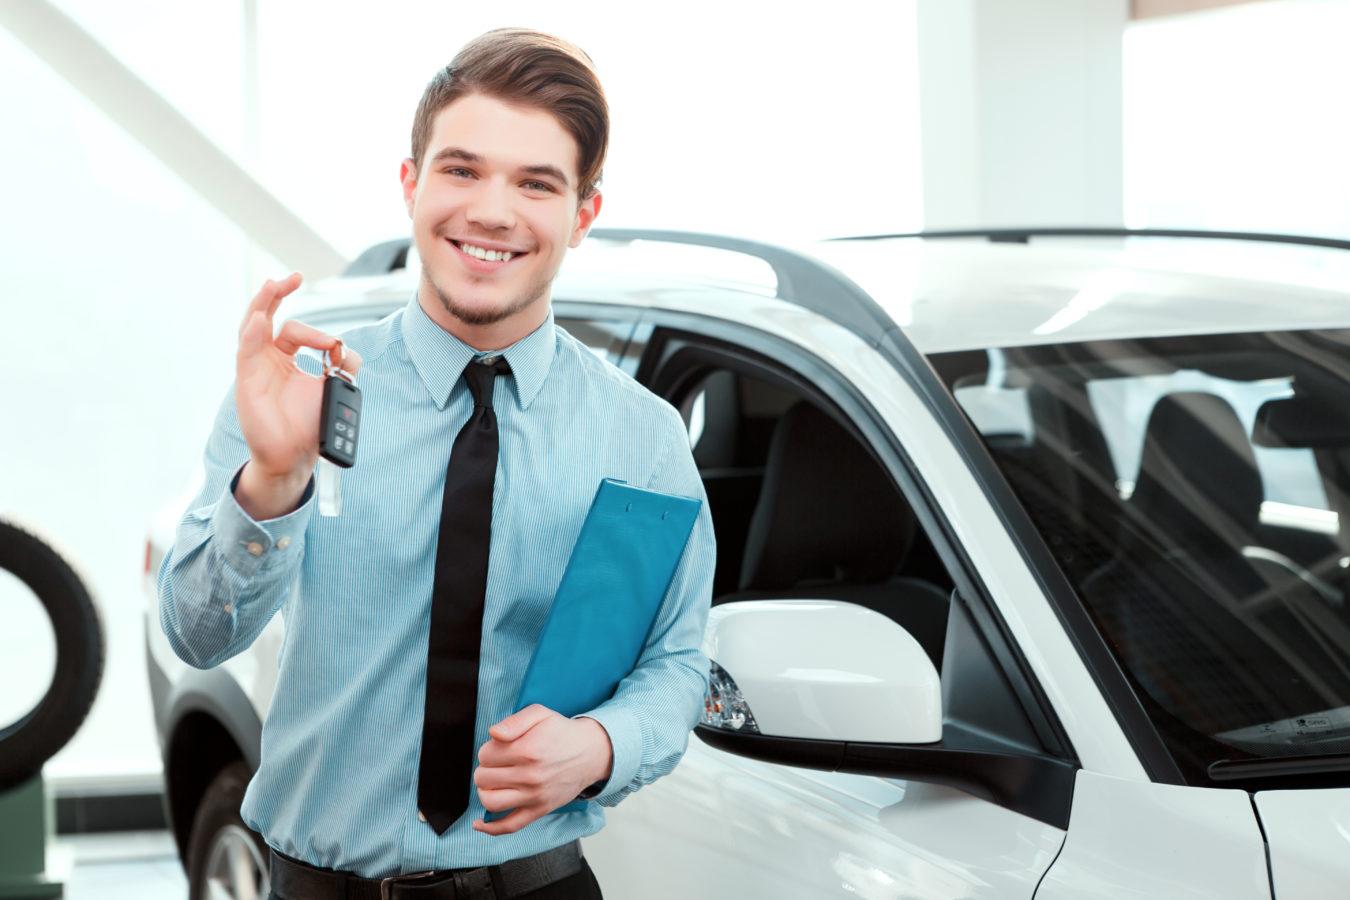 Les Euros bonus sur les voitures neuves mettent la pression sur le marché des occasions.